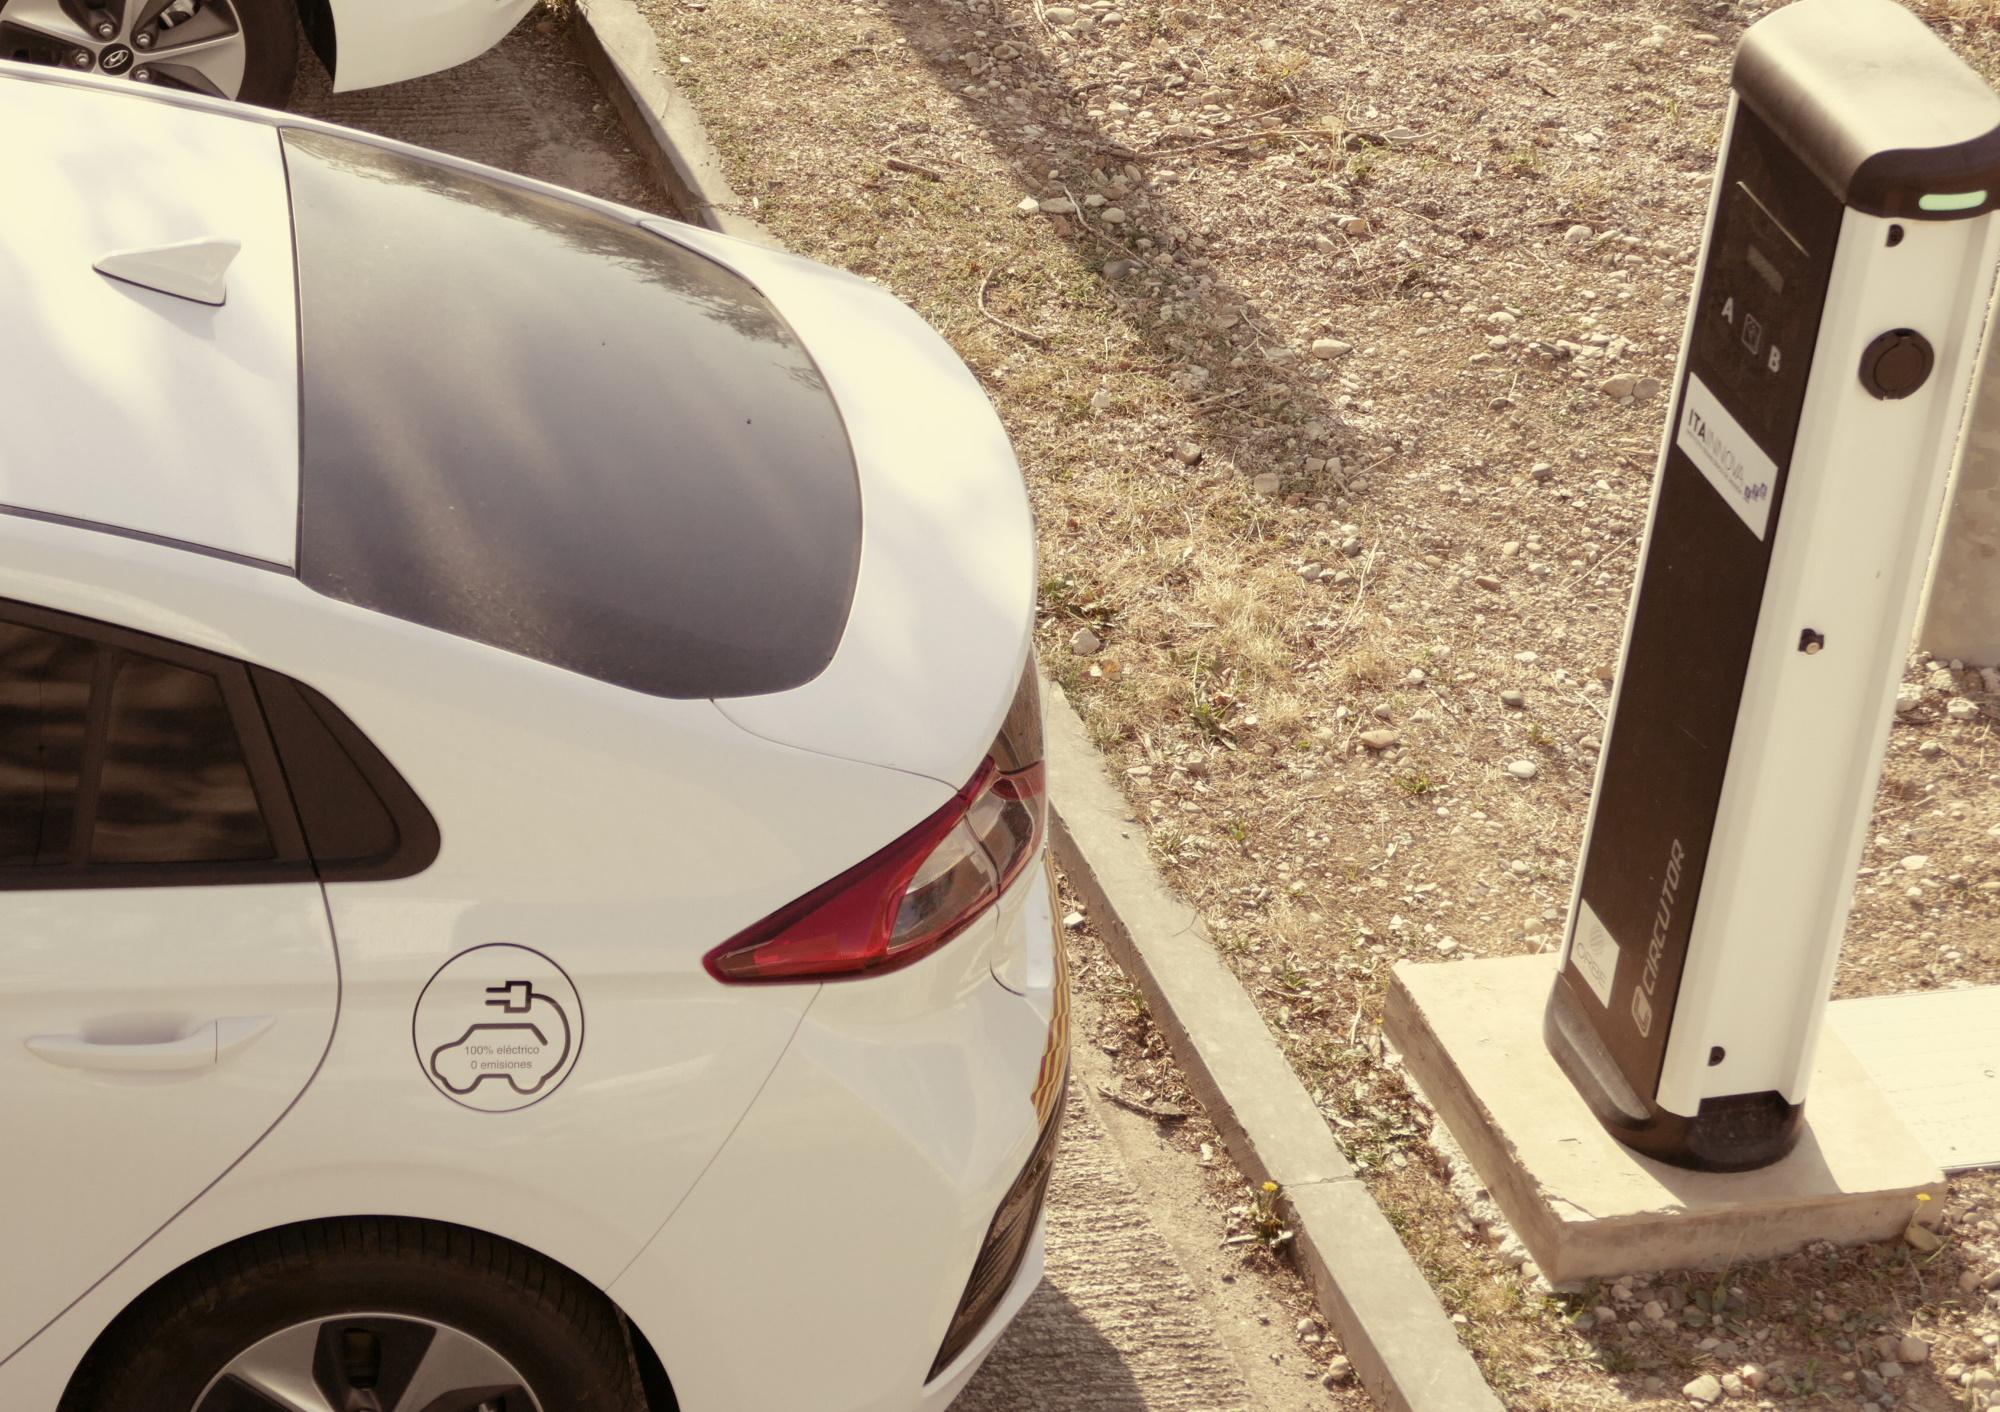 ITAINNOVA mostrará su actividad dirigida al vehículo eléctrico y la conducción autónoma